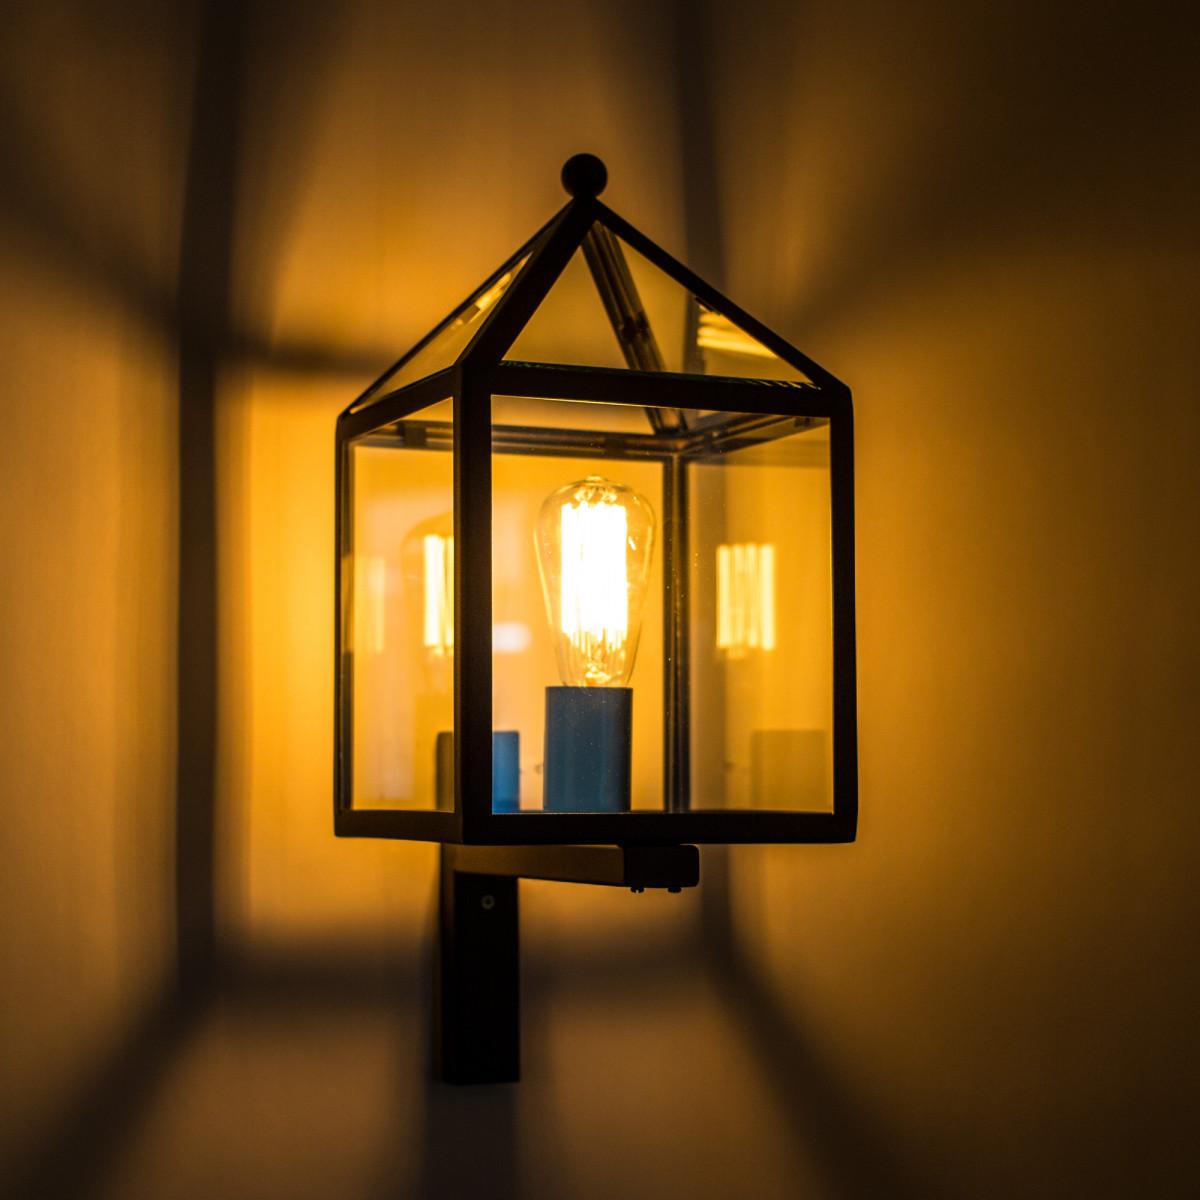 Buitenlamp huisjes model, zwart RVS frame, heldere beglazing, stijlvolle gevelverlichting van KS Verlichting